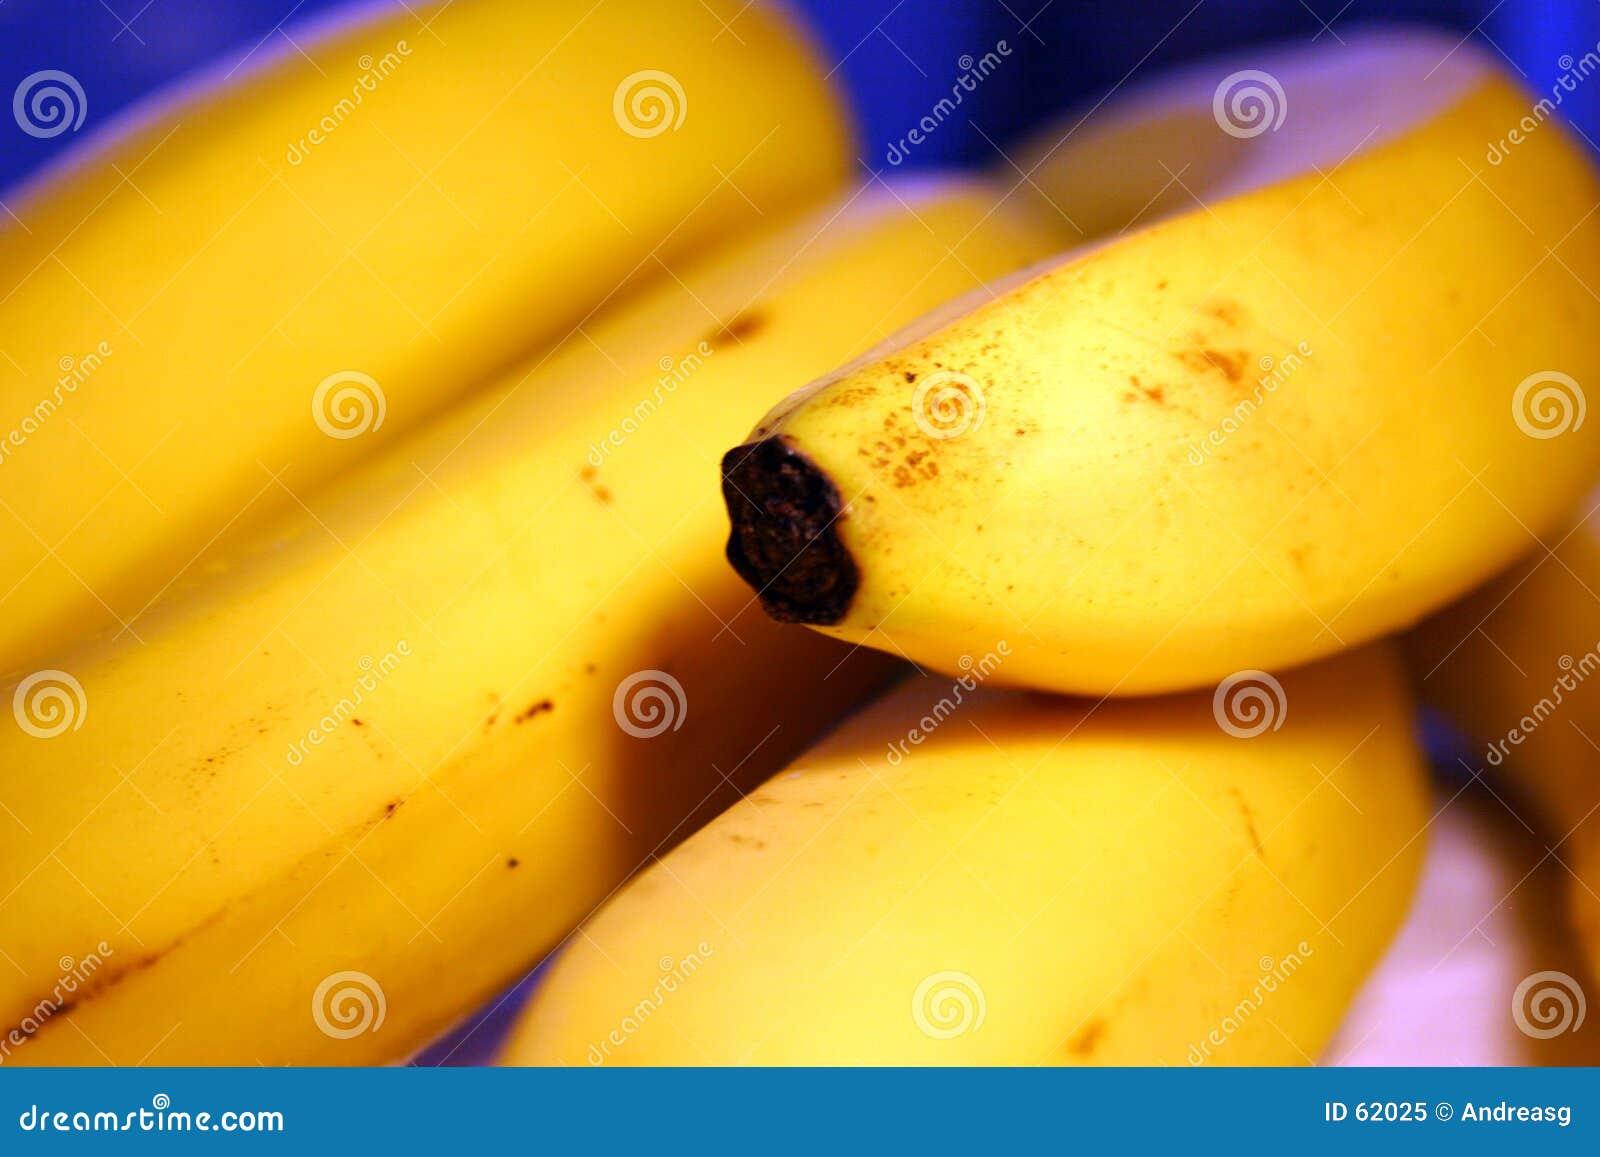 Download Fond 1 de banane image stock. Image du instruction, couleur - 62025